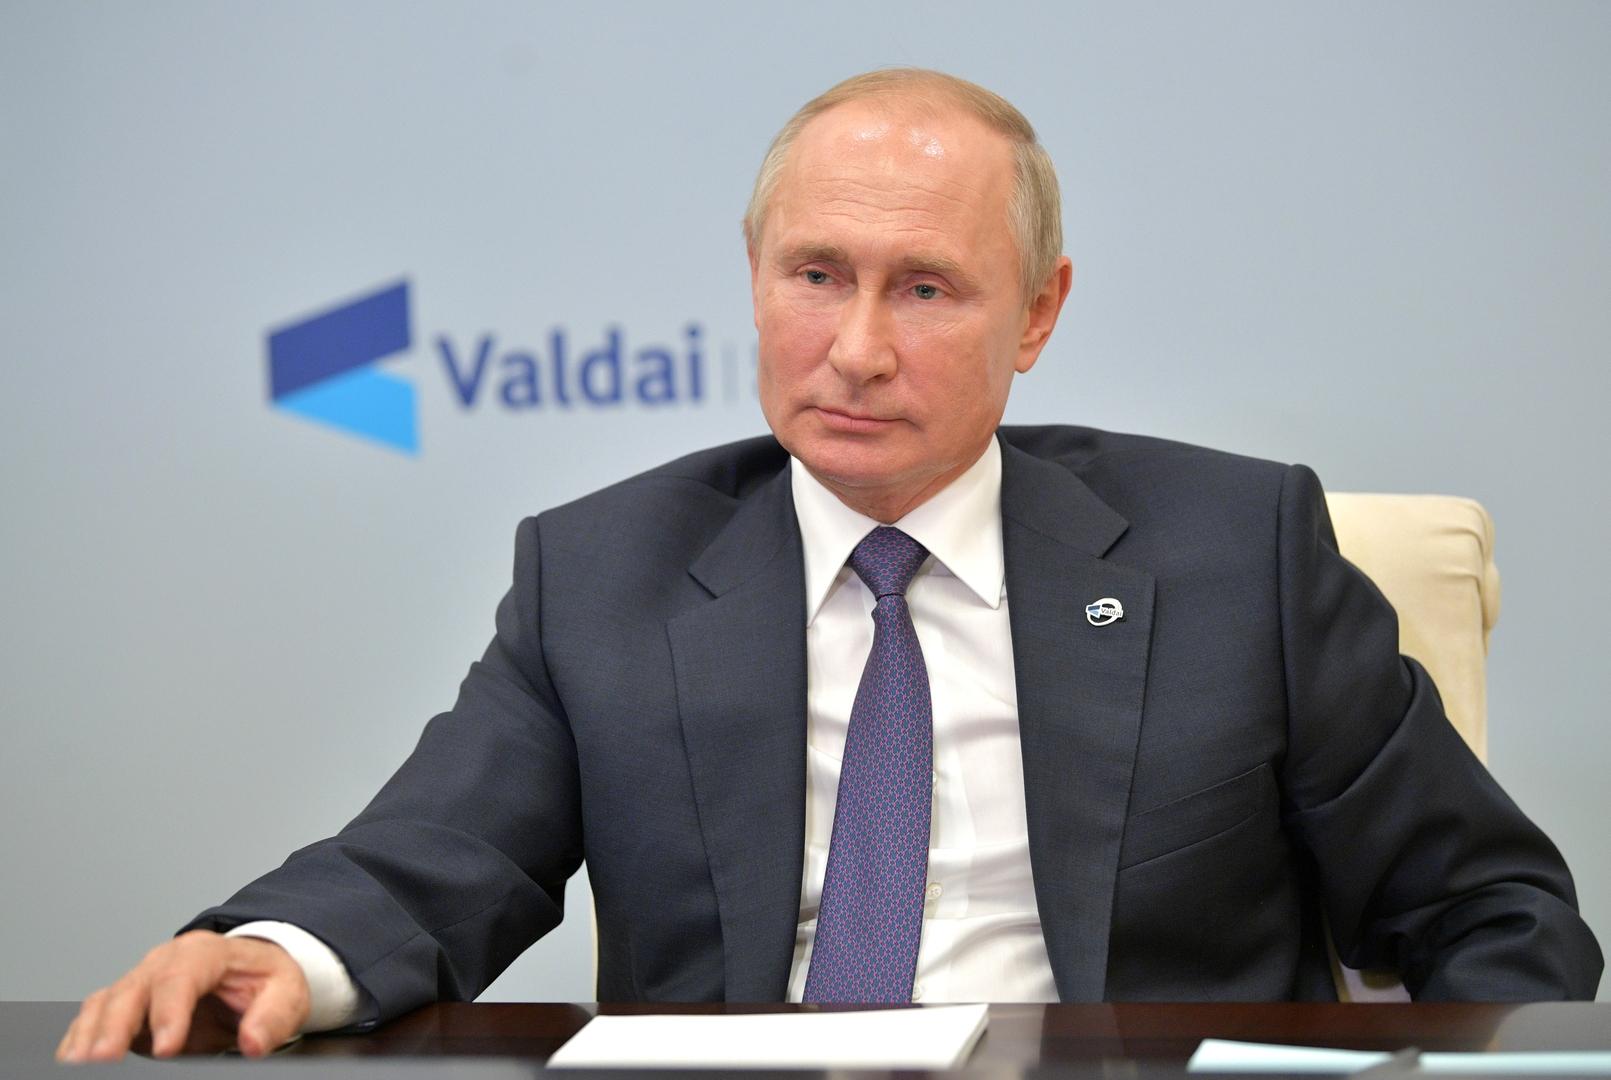 بوتين: لا نعارض انضمام الصين لمعاهدة